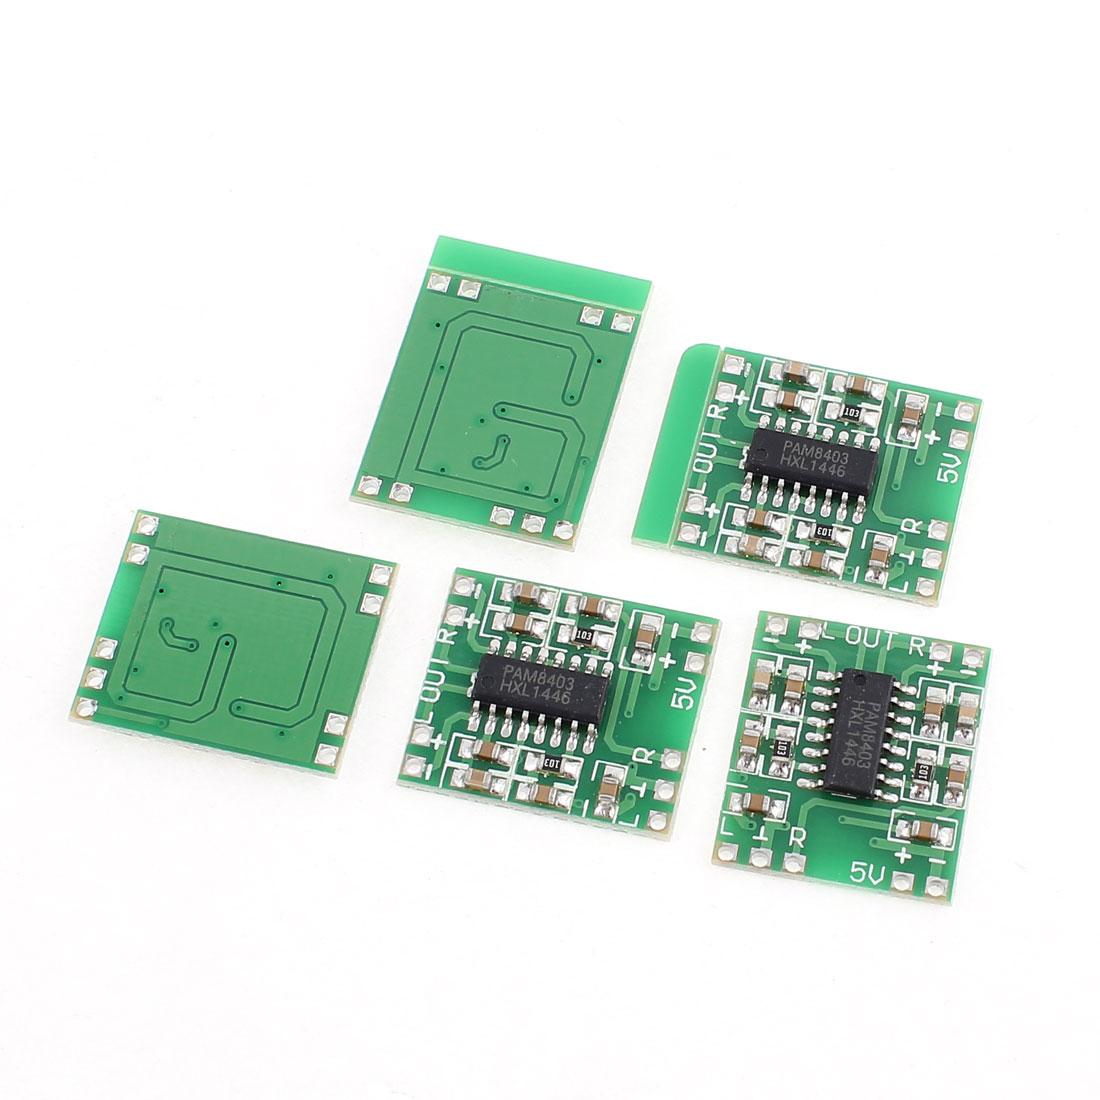 5 Pcs Tiny Micro Type Digital Power Apply Amplifier Module Board